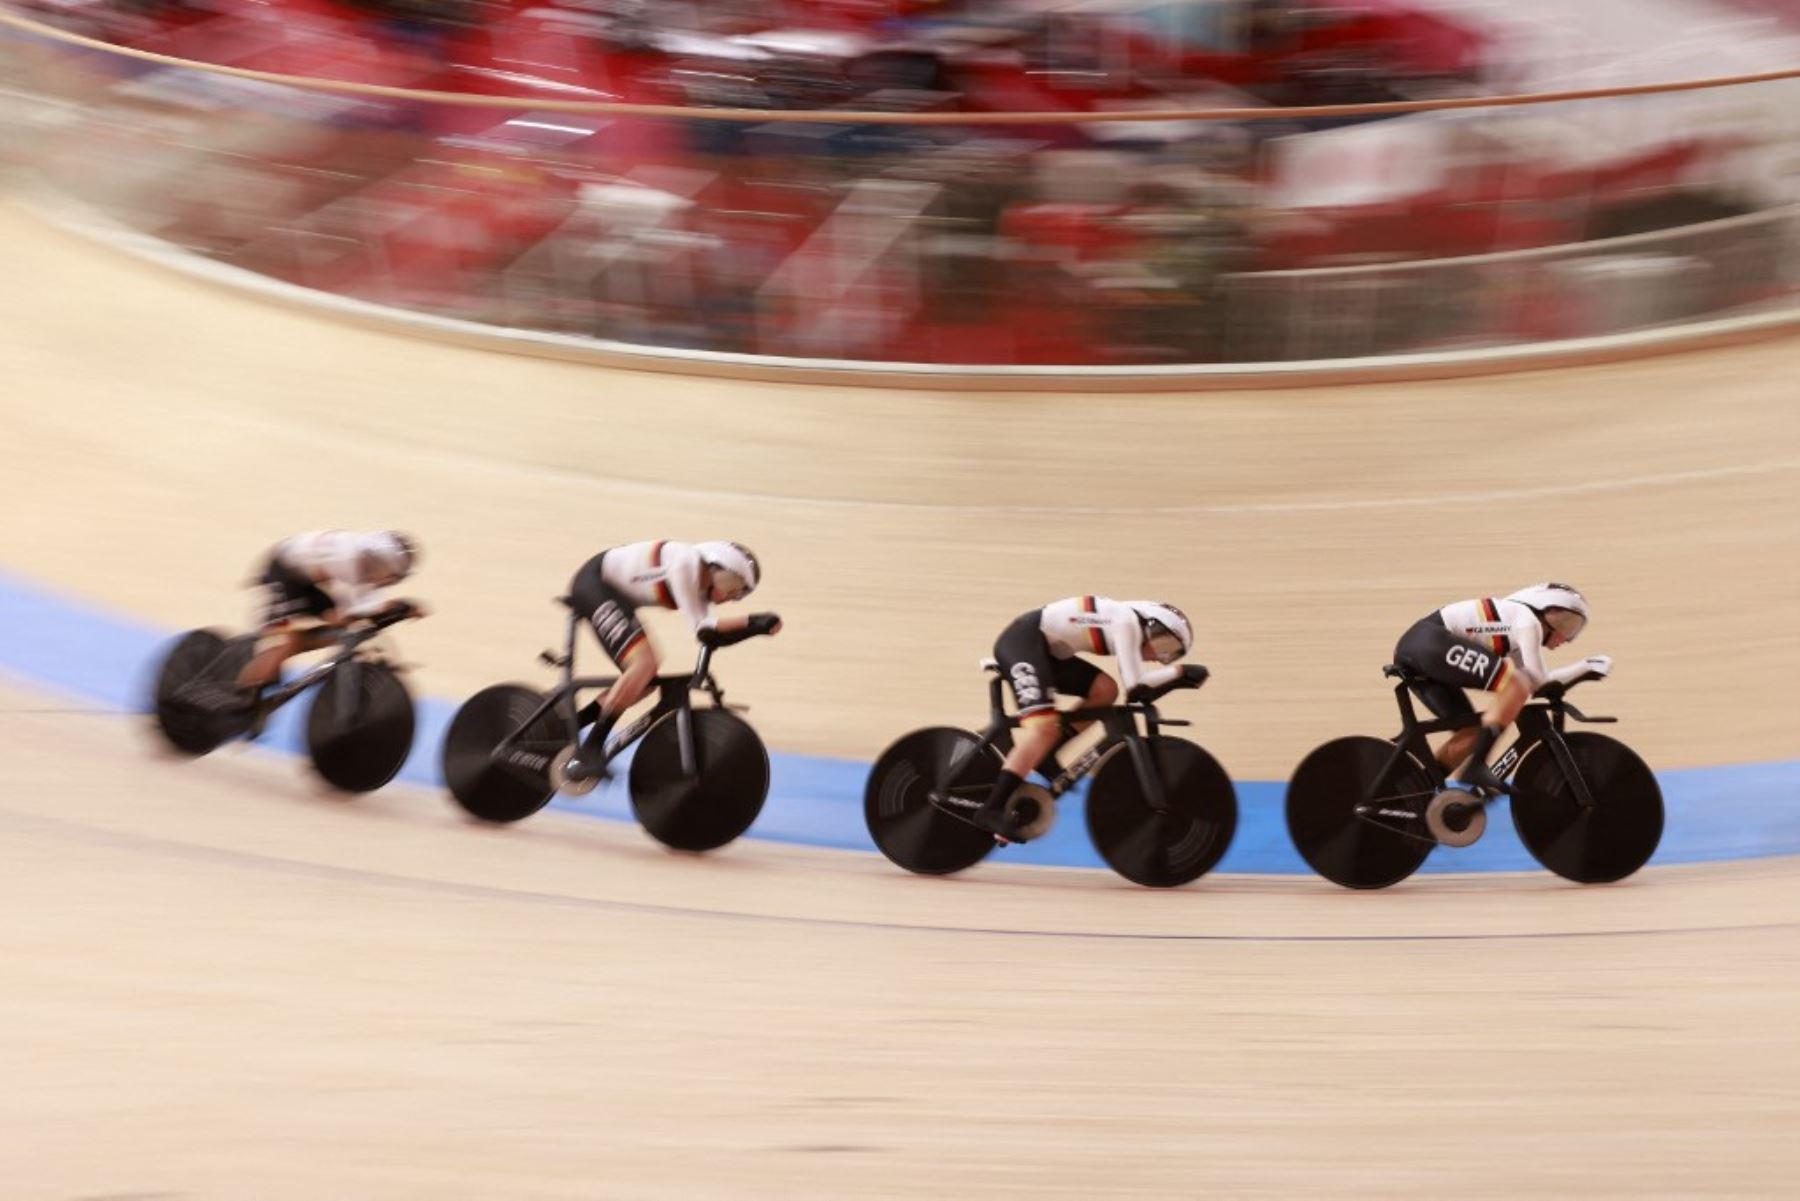 Cuarteto germano formado por Franziska Brausse, Lisa Brennauer, Lisa Klein y Mieke Kroeger se impuso a Gran Bretaña estableciendo un nuevo récord mundial con un tiempo de 4:02.202.